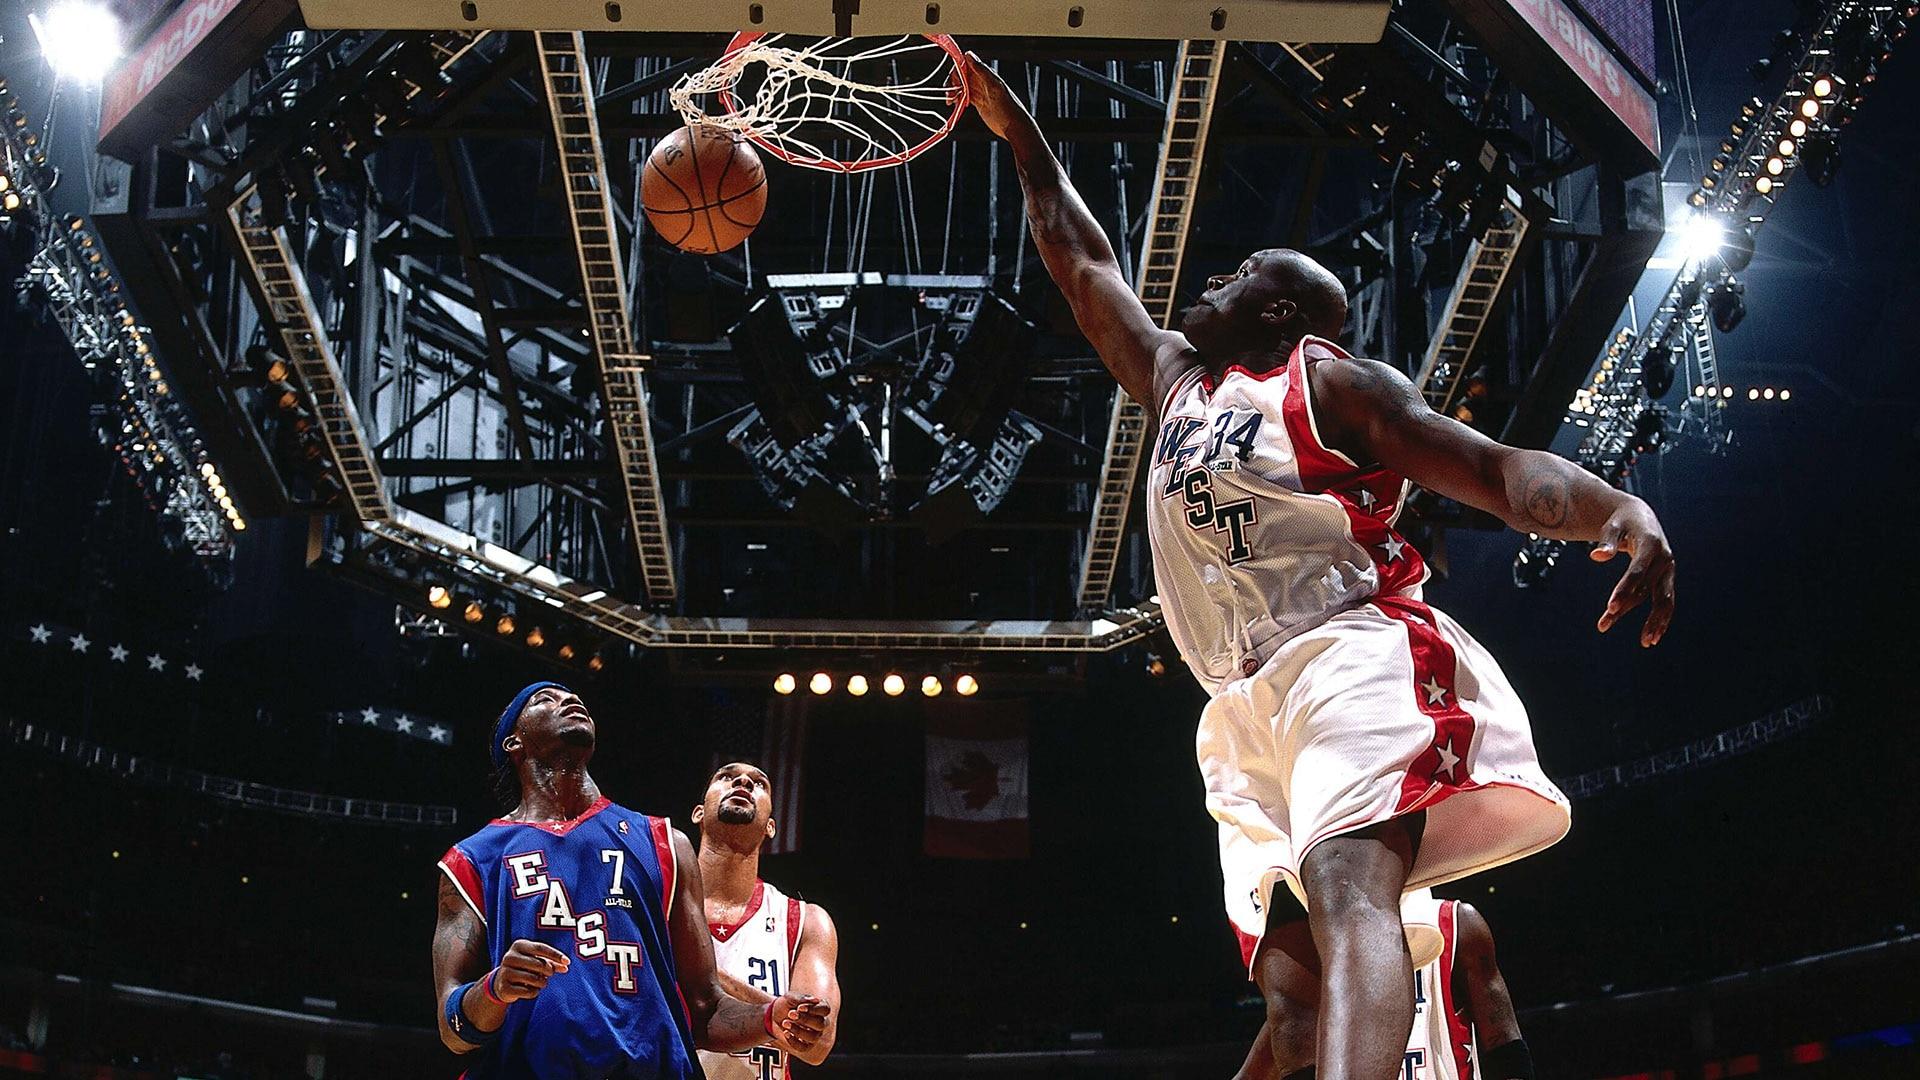 2004 NBA All-Star recap